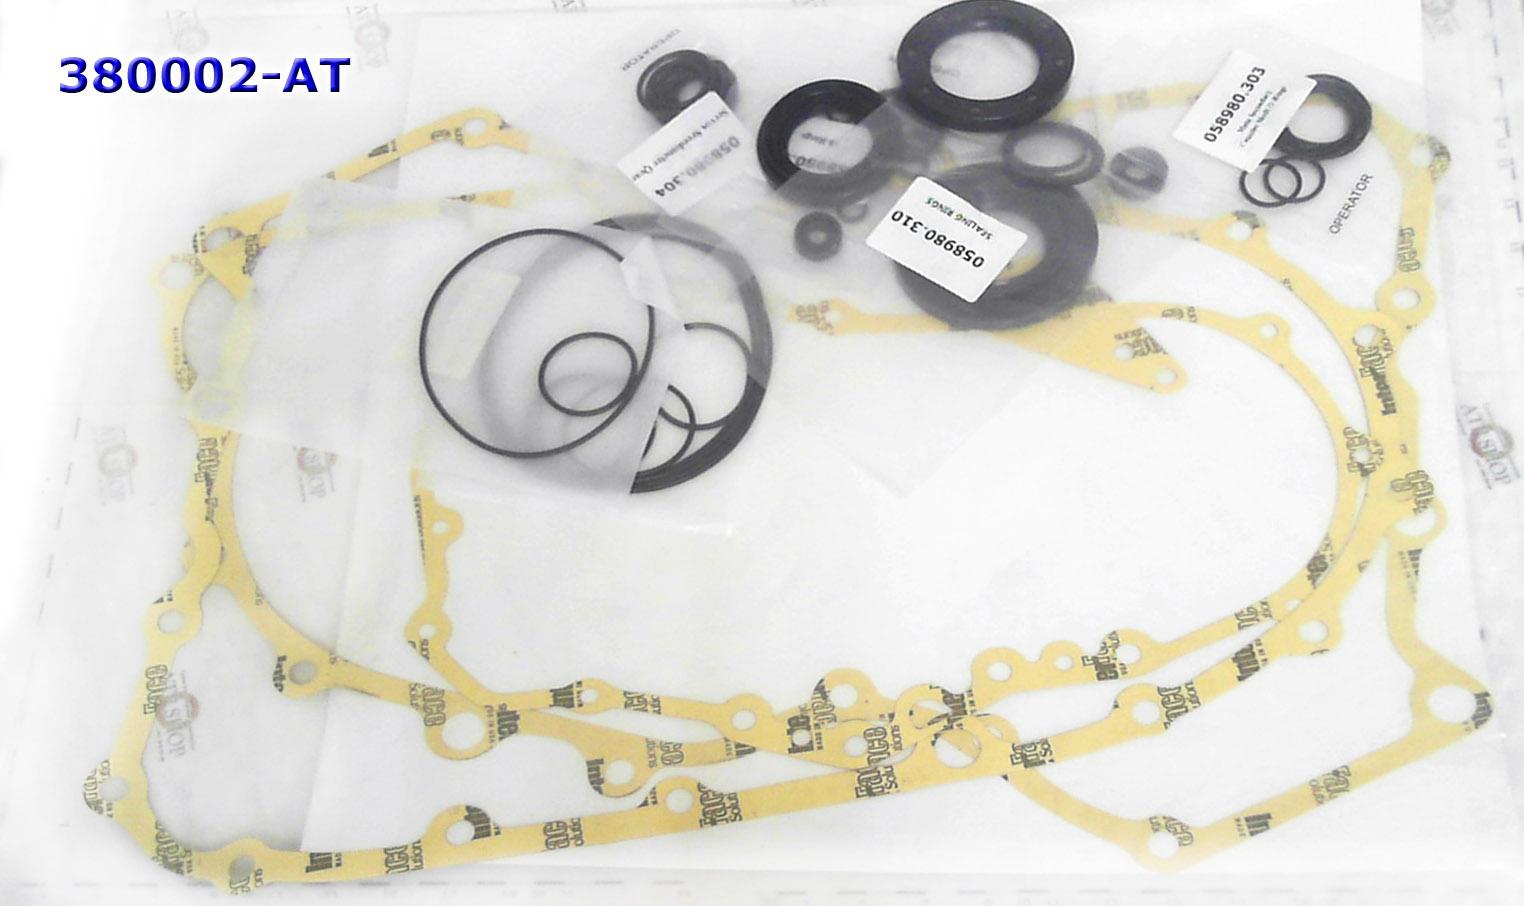 Ремкомплект\ Оверол кит\ Overhaul Kit), (на 4-е скорости АКПП) CR-V M4TA/MDMA/MDLA 1997-02